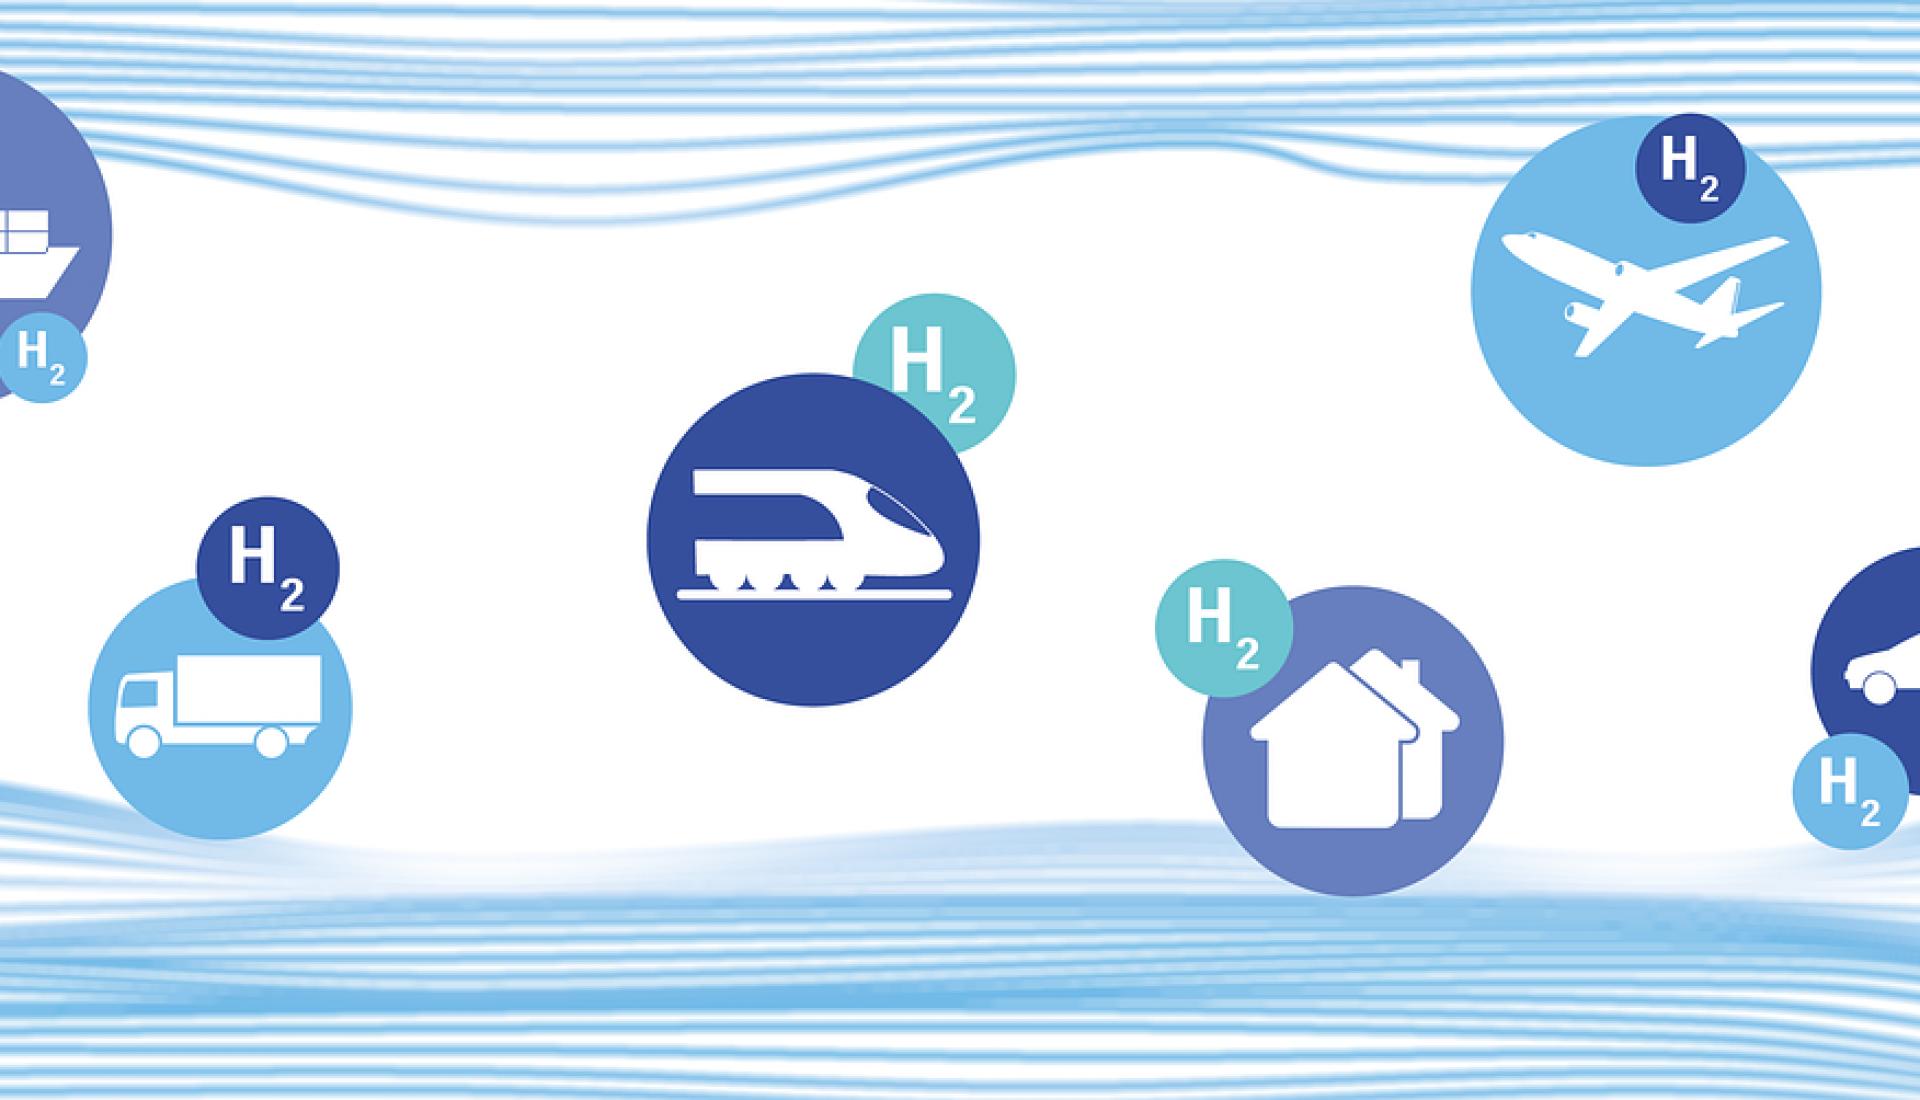 L'hydrogène : pourquoi et comment ?